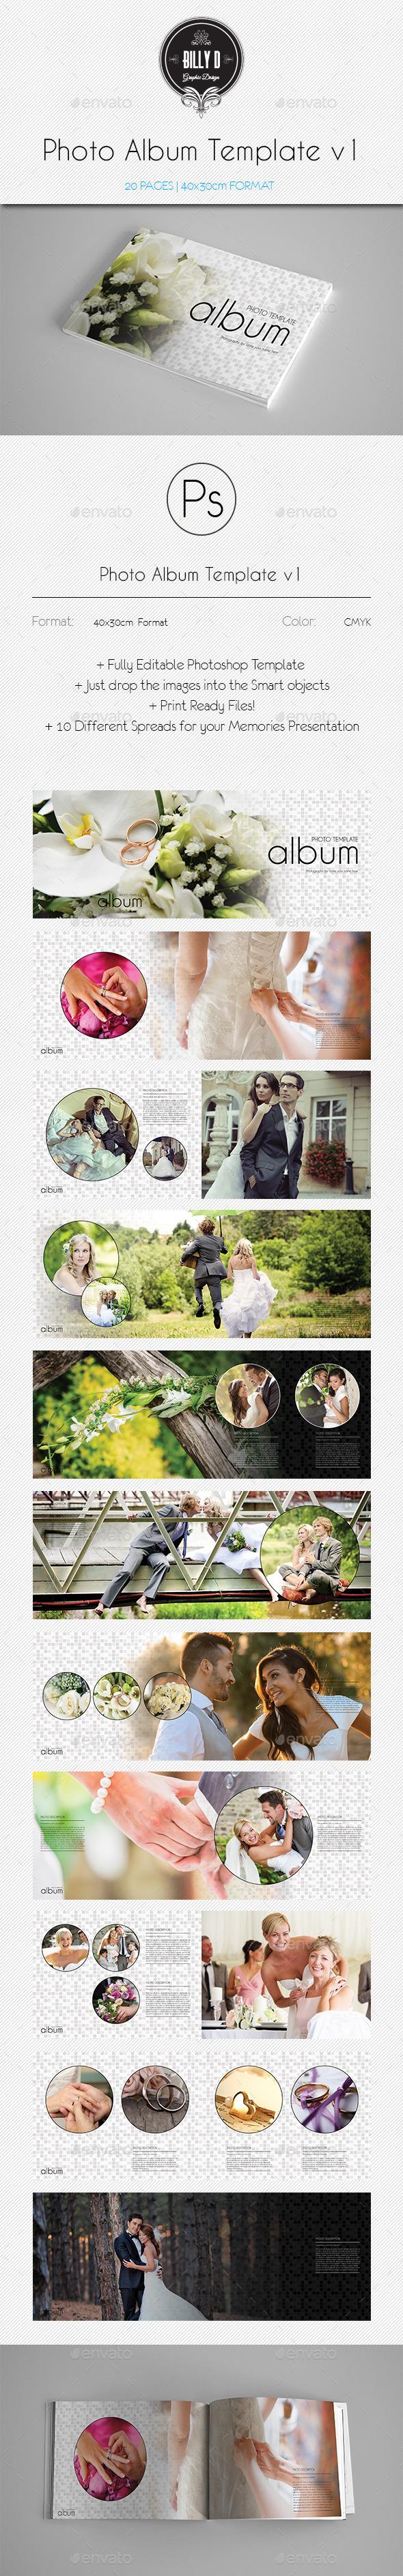 GraphicRiver Photo Album Template v1 10102166